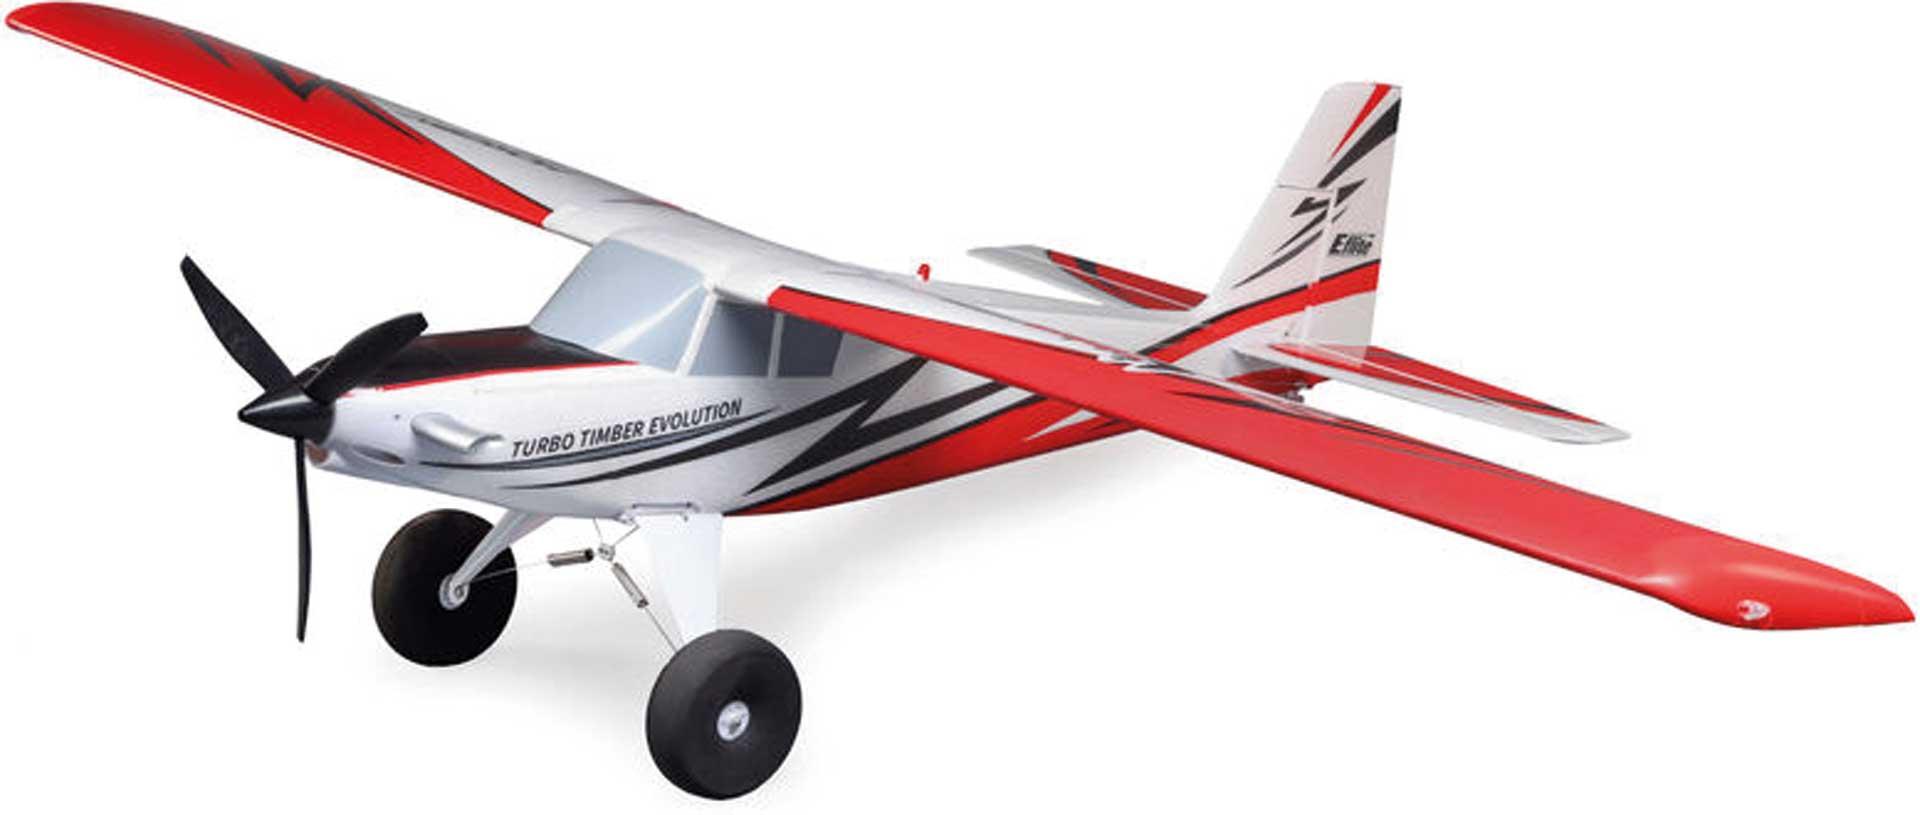 E-FLITE Turbo Timber Evolution 1.5m PNP